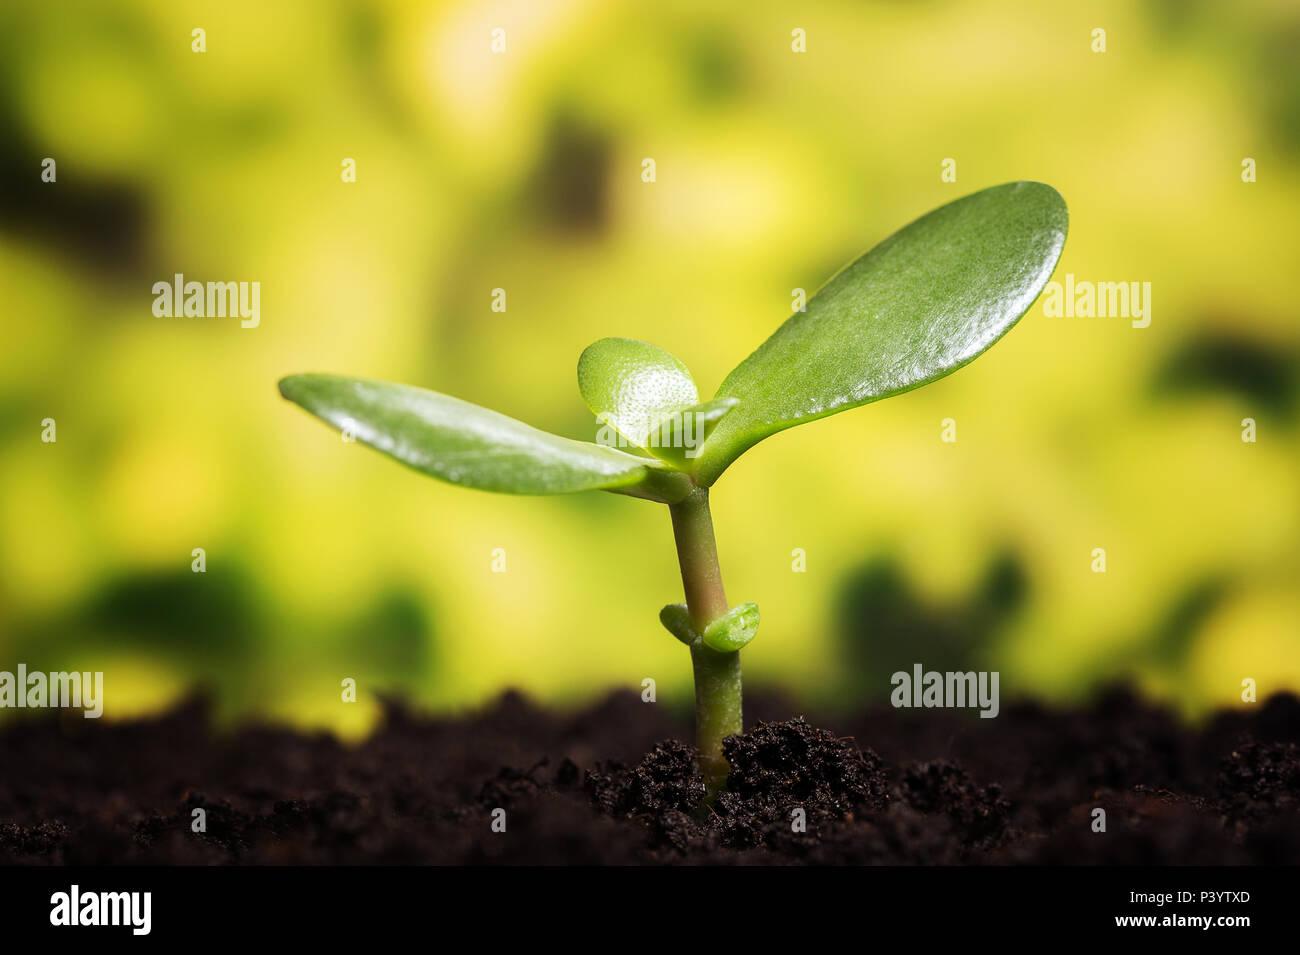 Symbole de la croissance. Petite plante qui pousse jusqu'à partir de la terre avec un arrière-plan copy space Photo Stock